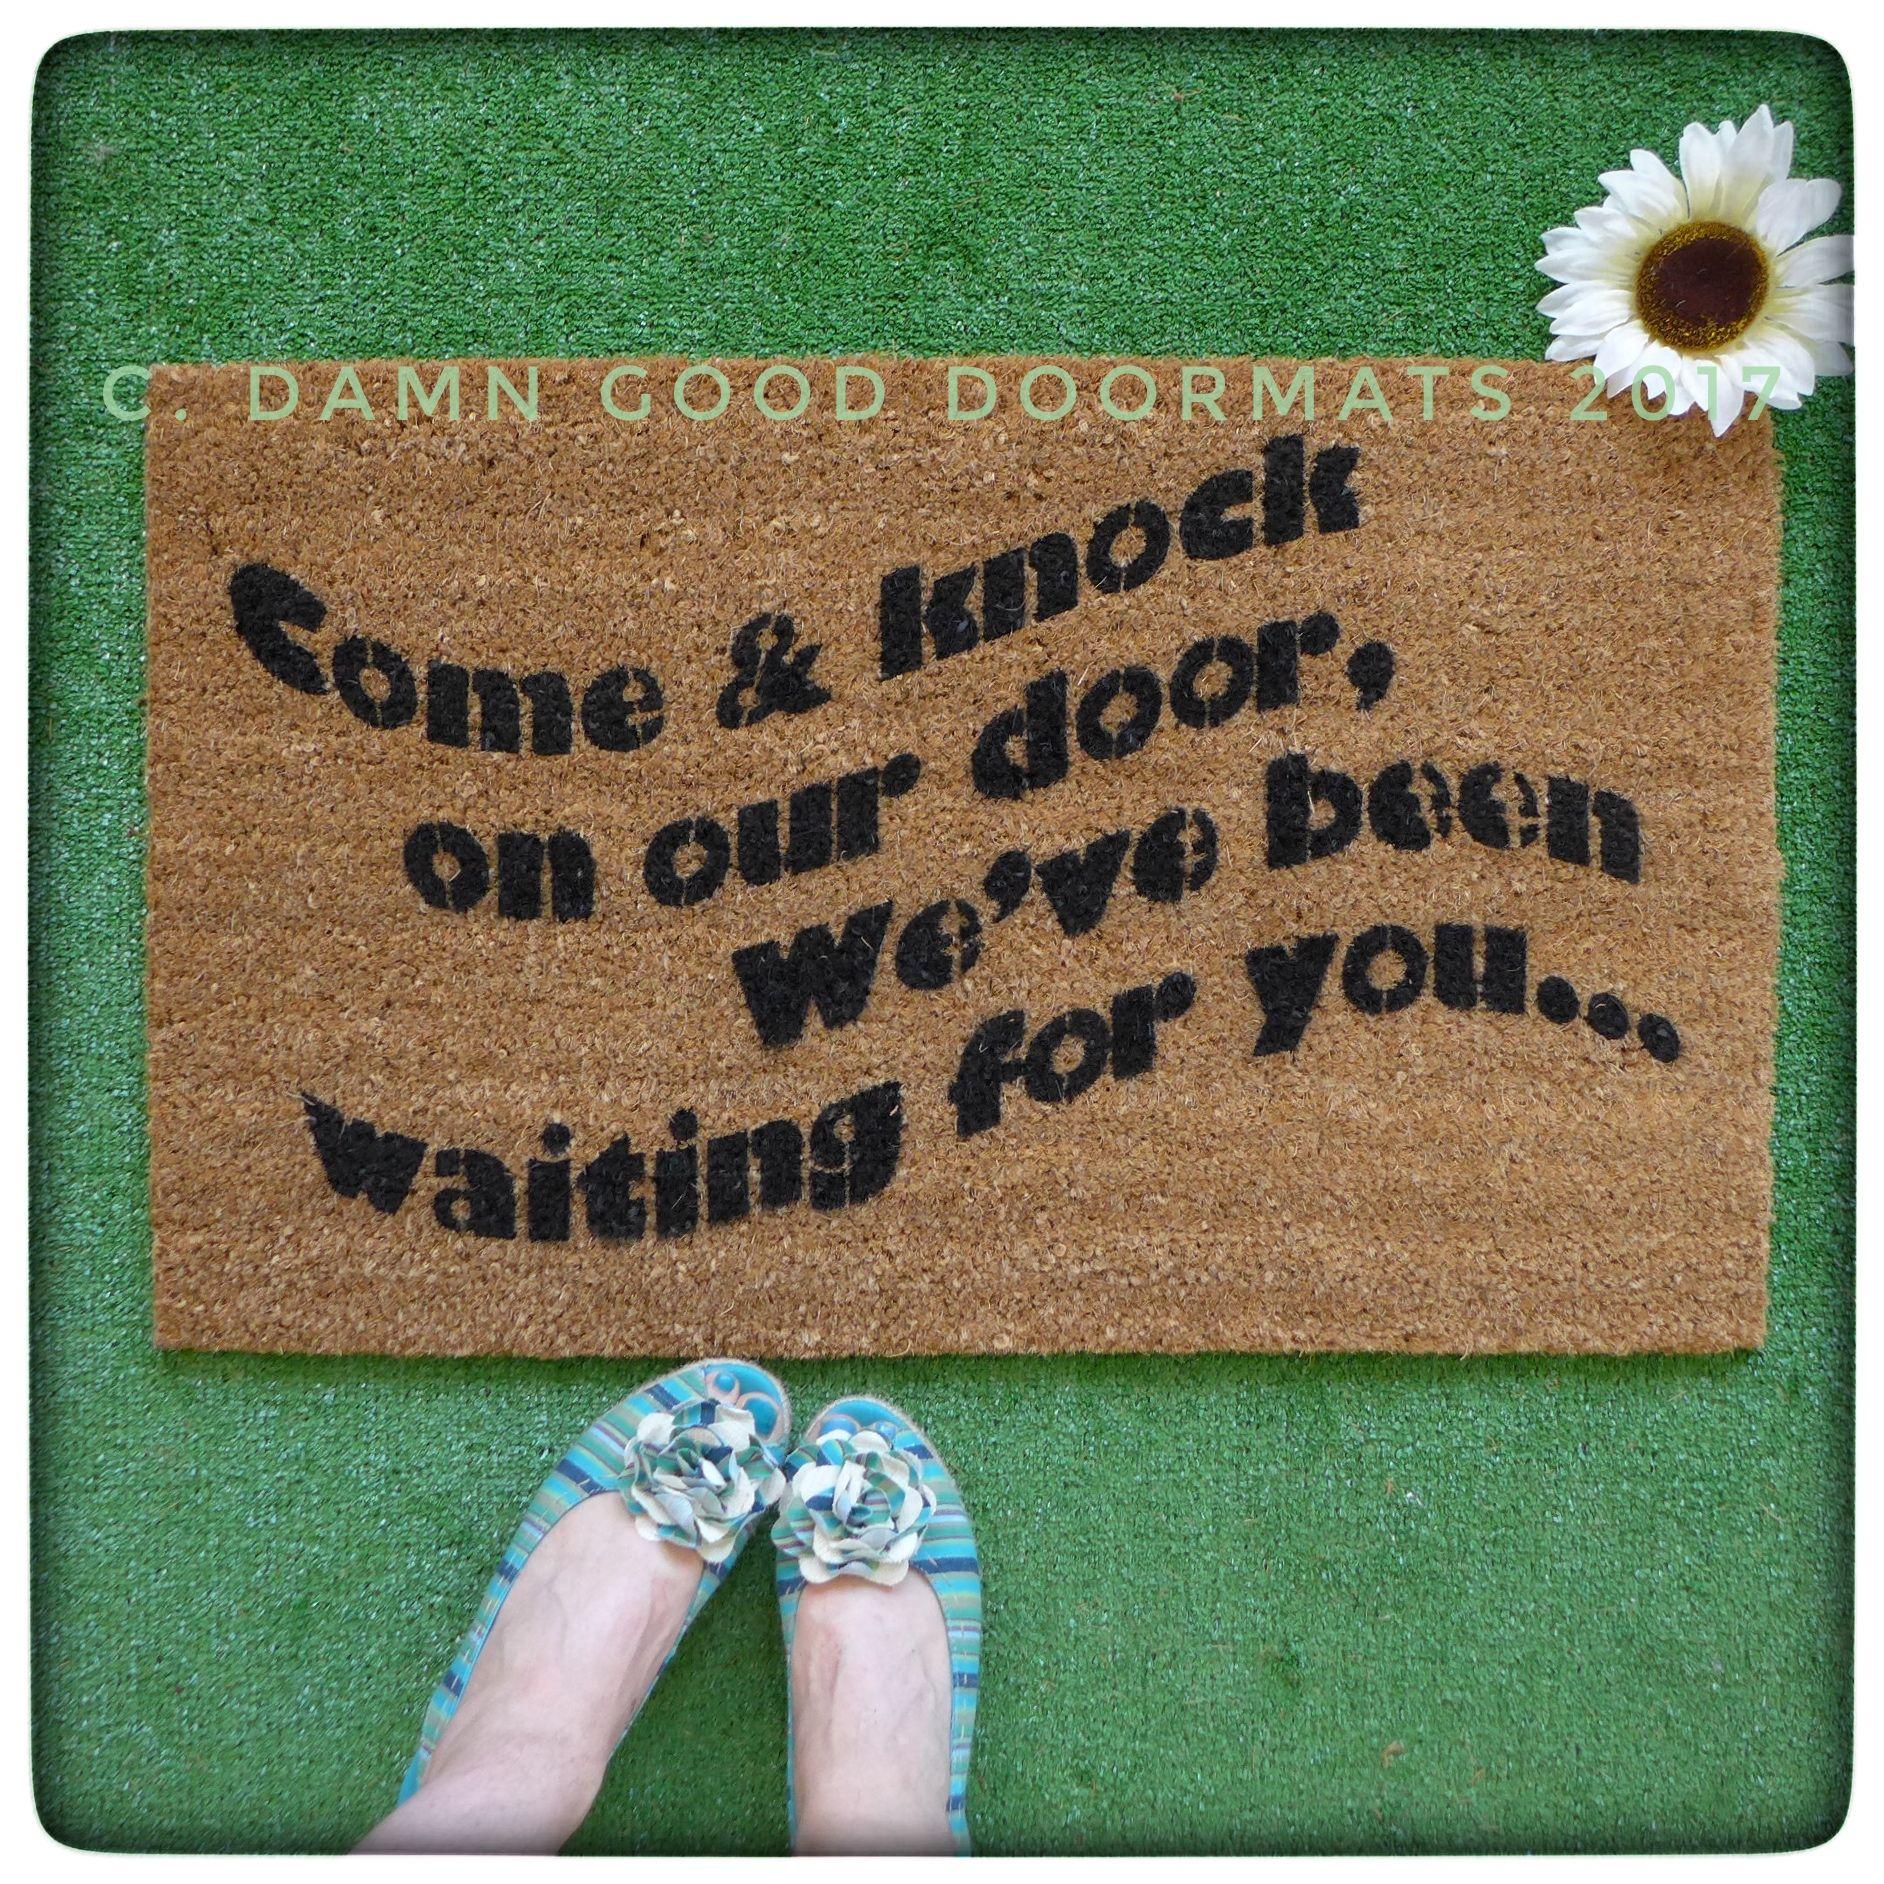 Come Knock Of Our Door Funny 3 S Company 80 S Tv Doormat Door Mat Cool Doormats Movie Nerd